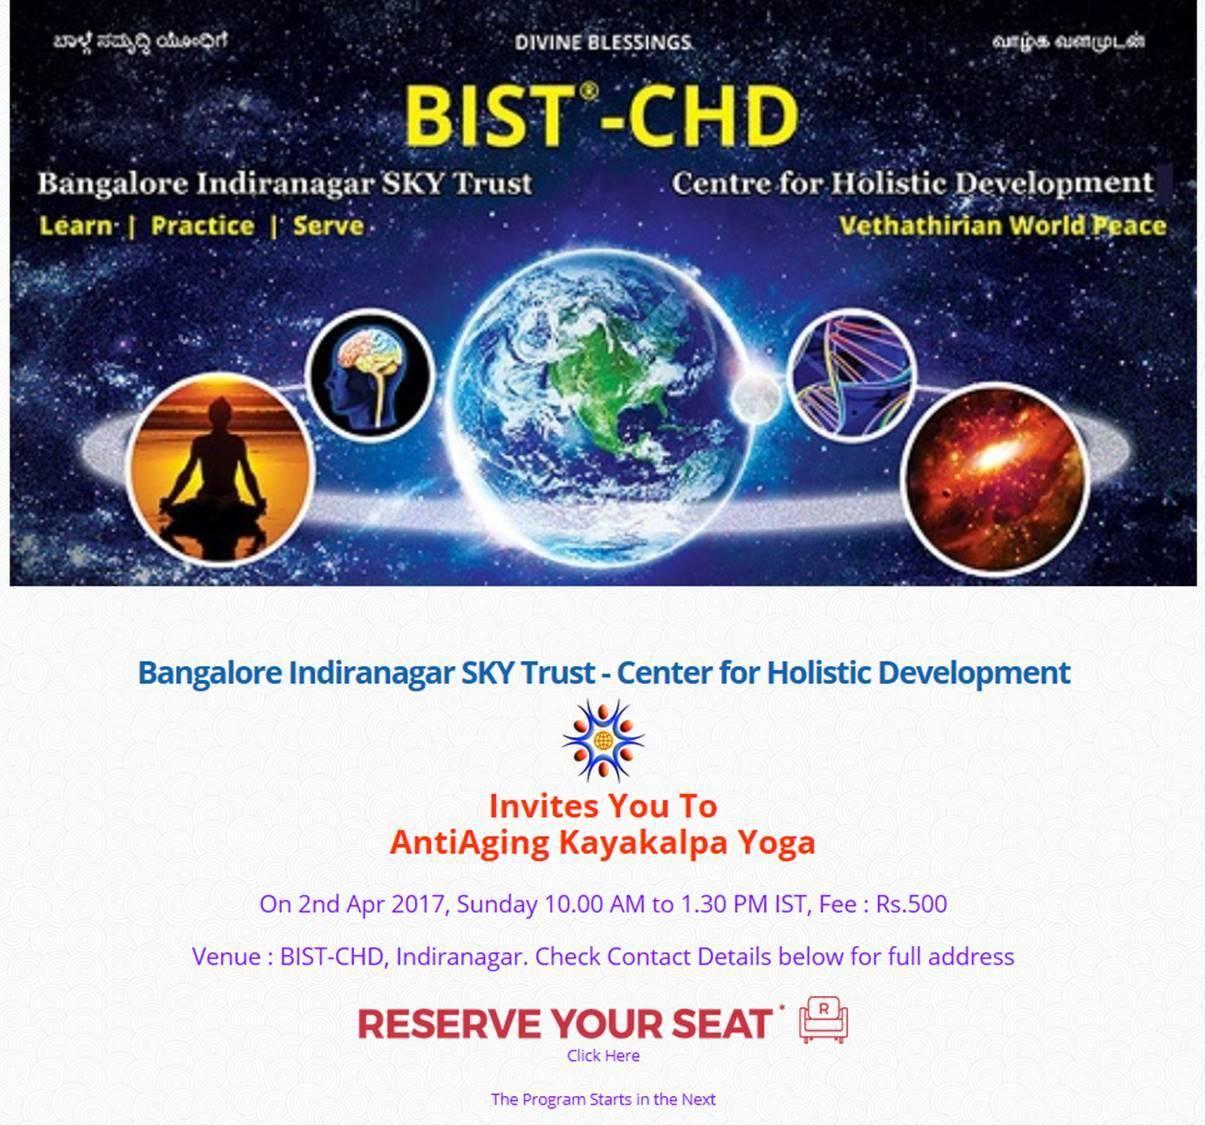 Anti Aging Kaya Kalpa Yoga